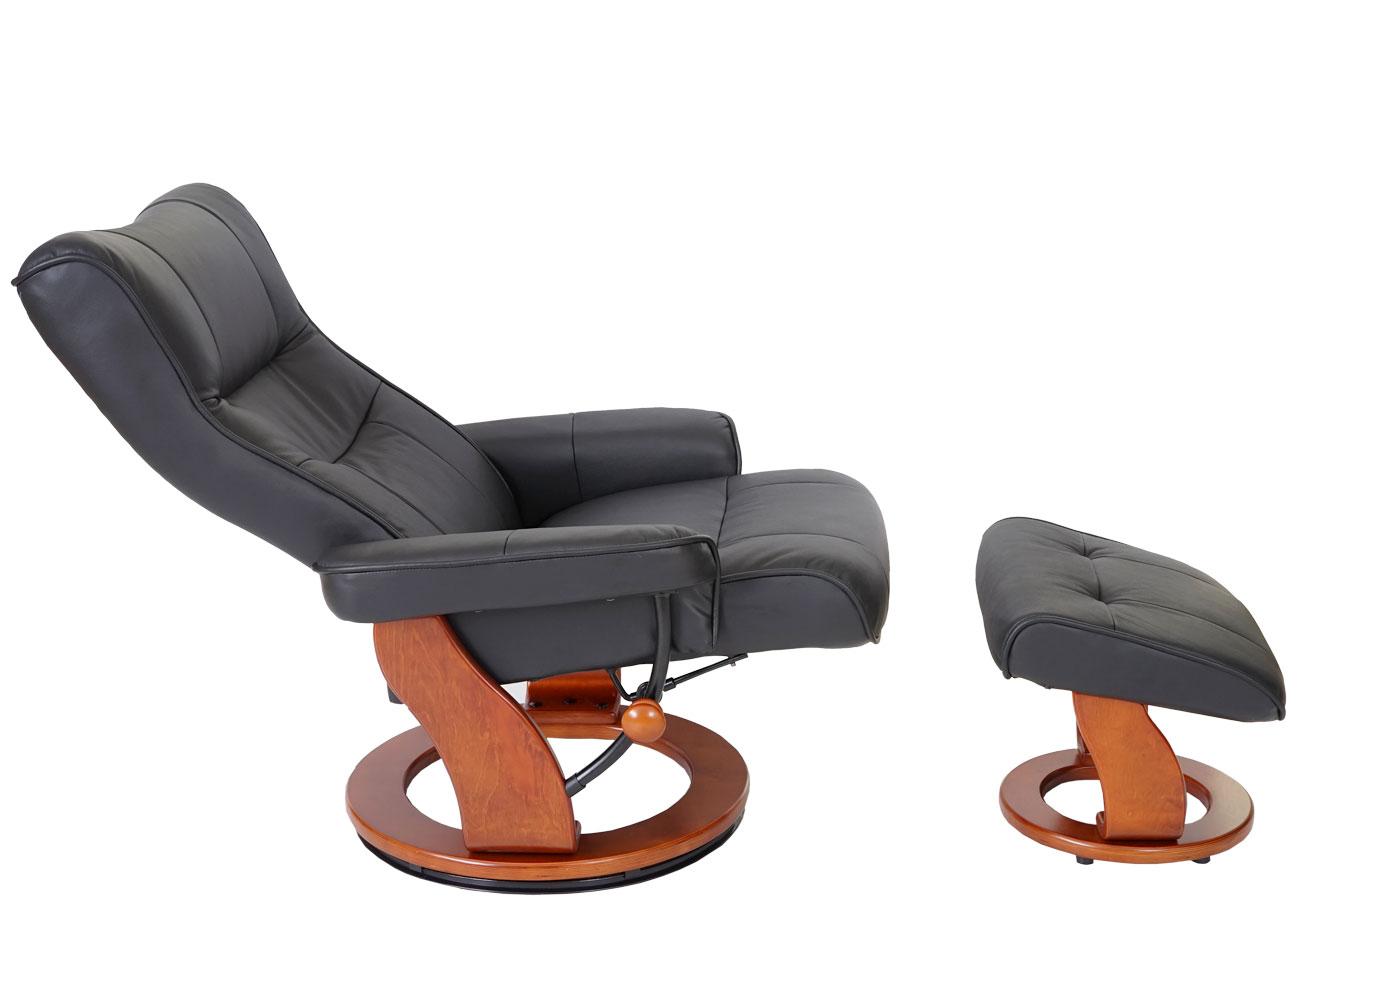 Leder Relaxsessel TV Sessel Mit Hocker Relaxliege